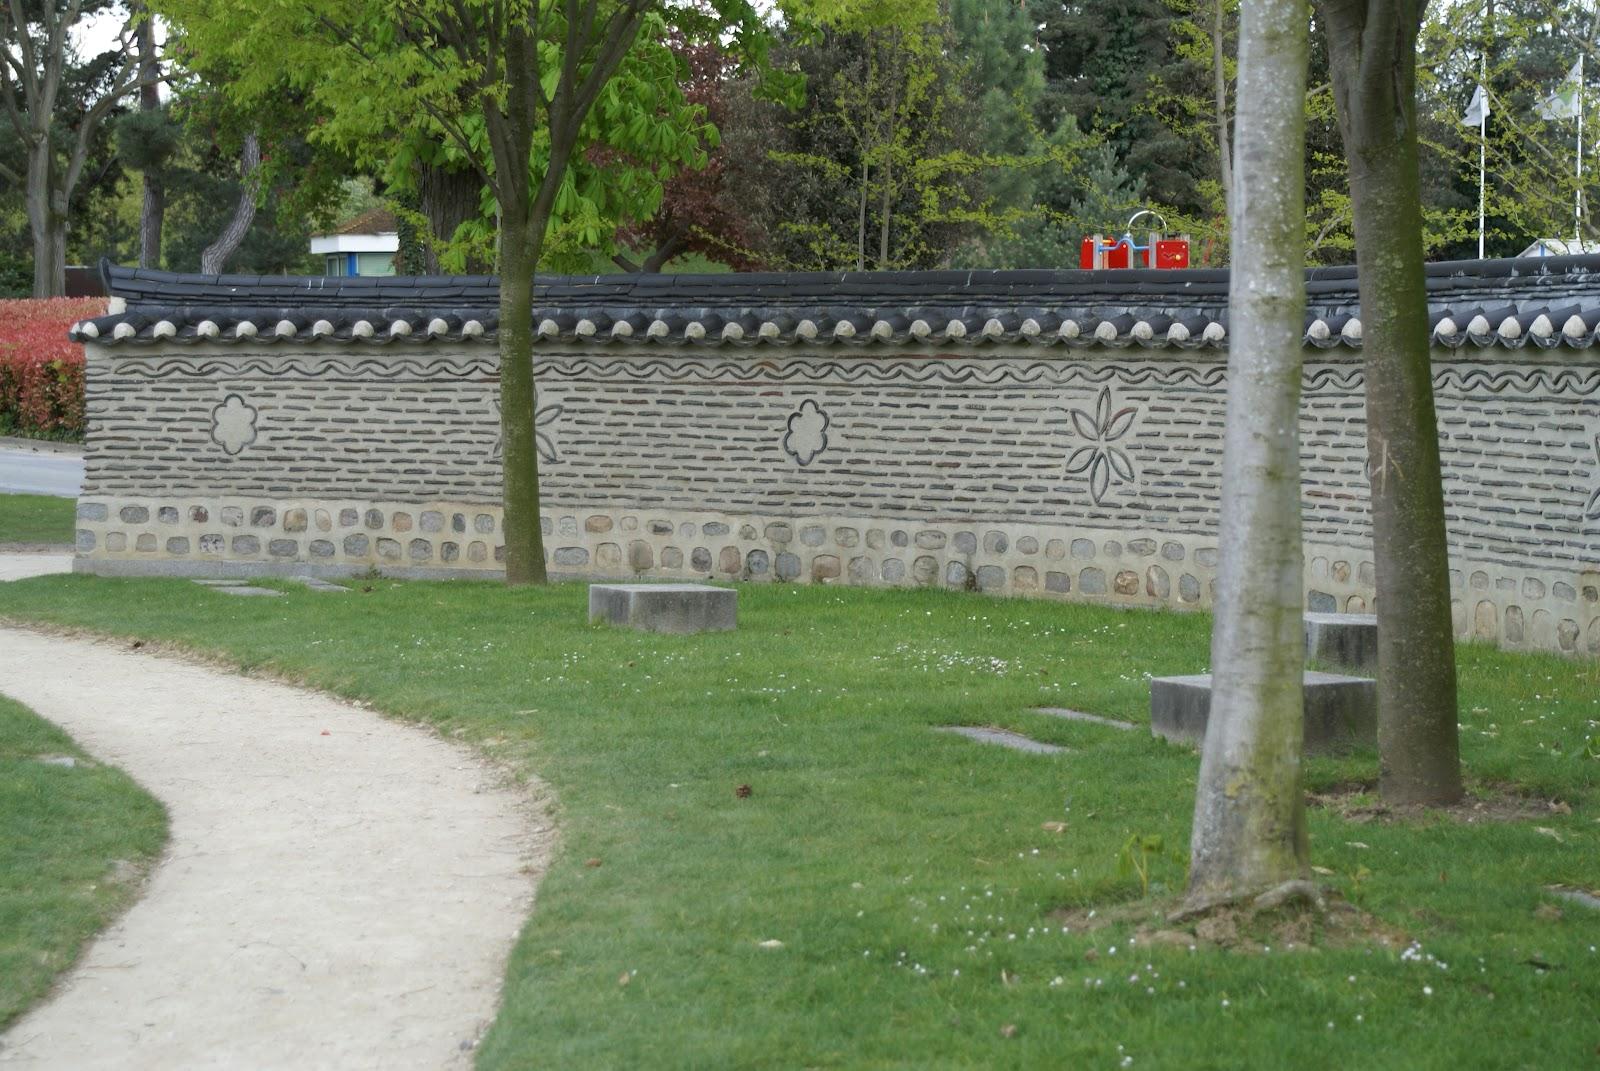 Un petit tour en cor e au jardin d 39 acclimatation for Au jardin d acclimatation